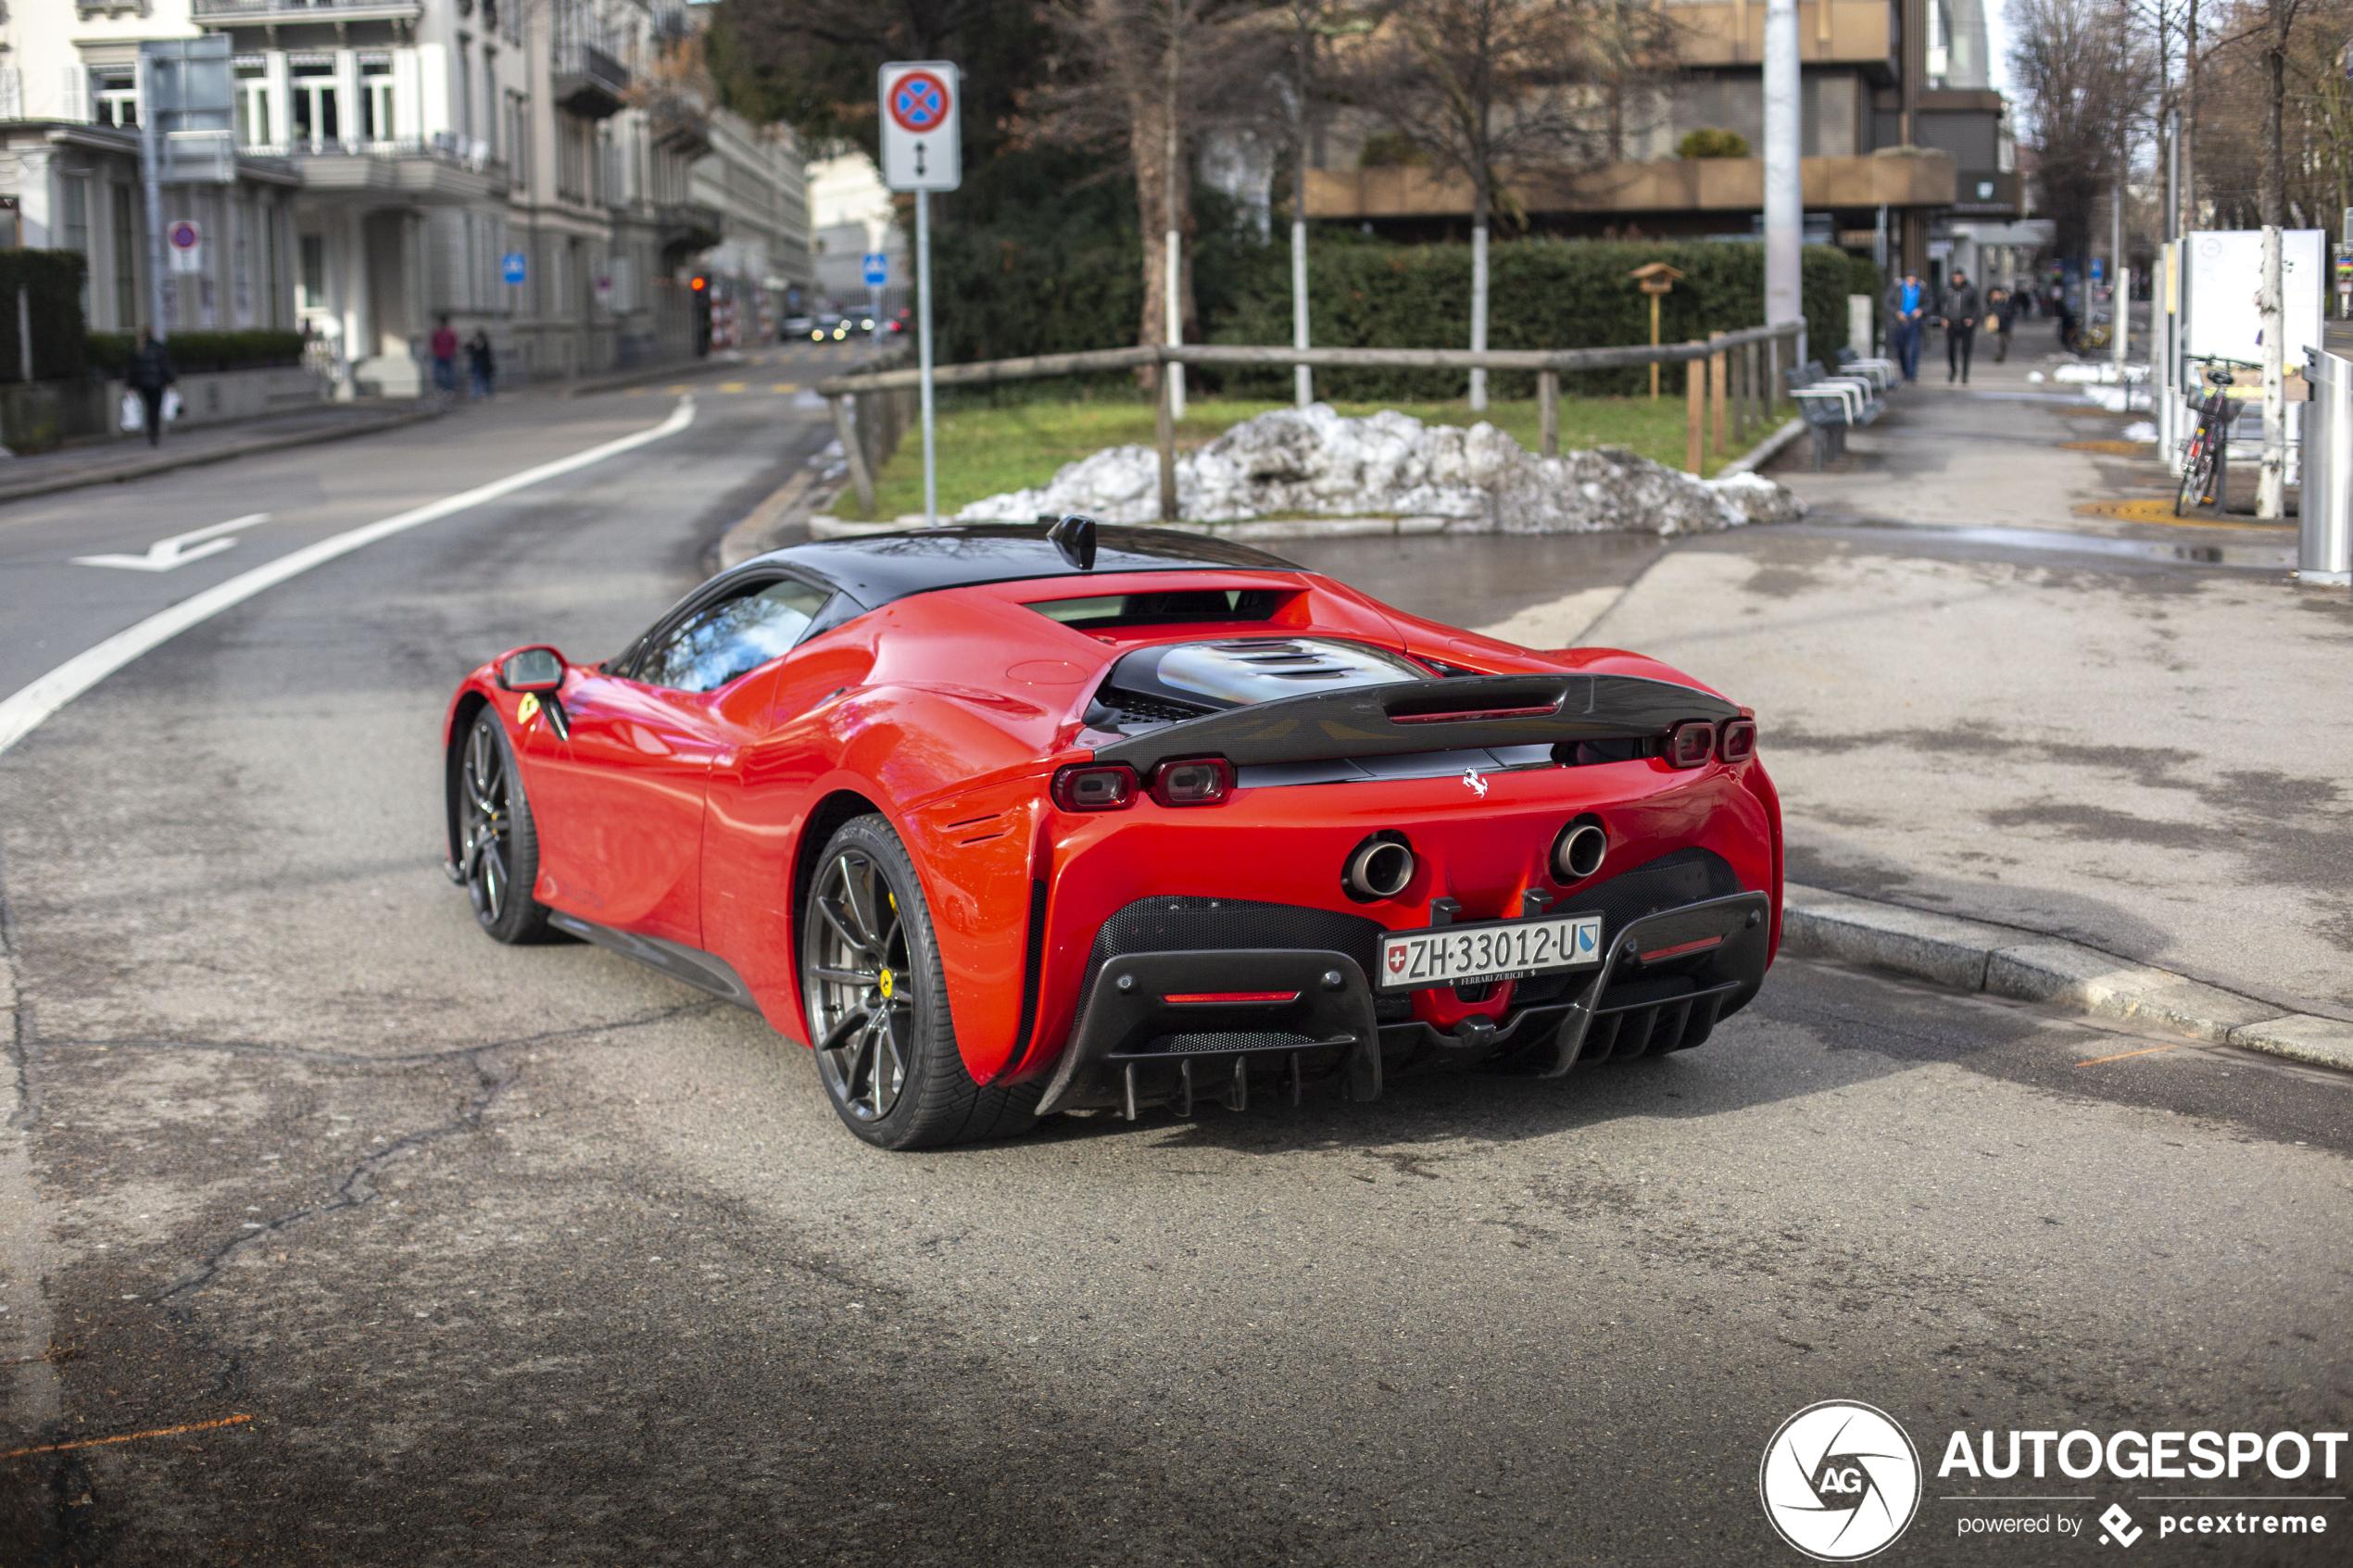 Ferrari SF90 Stradale moves through quiet Zurich